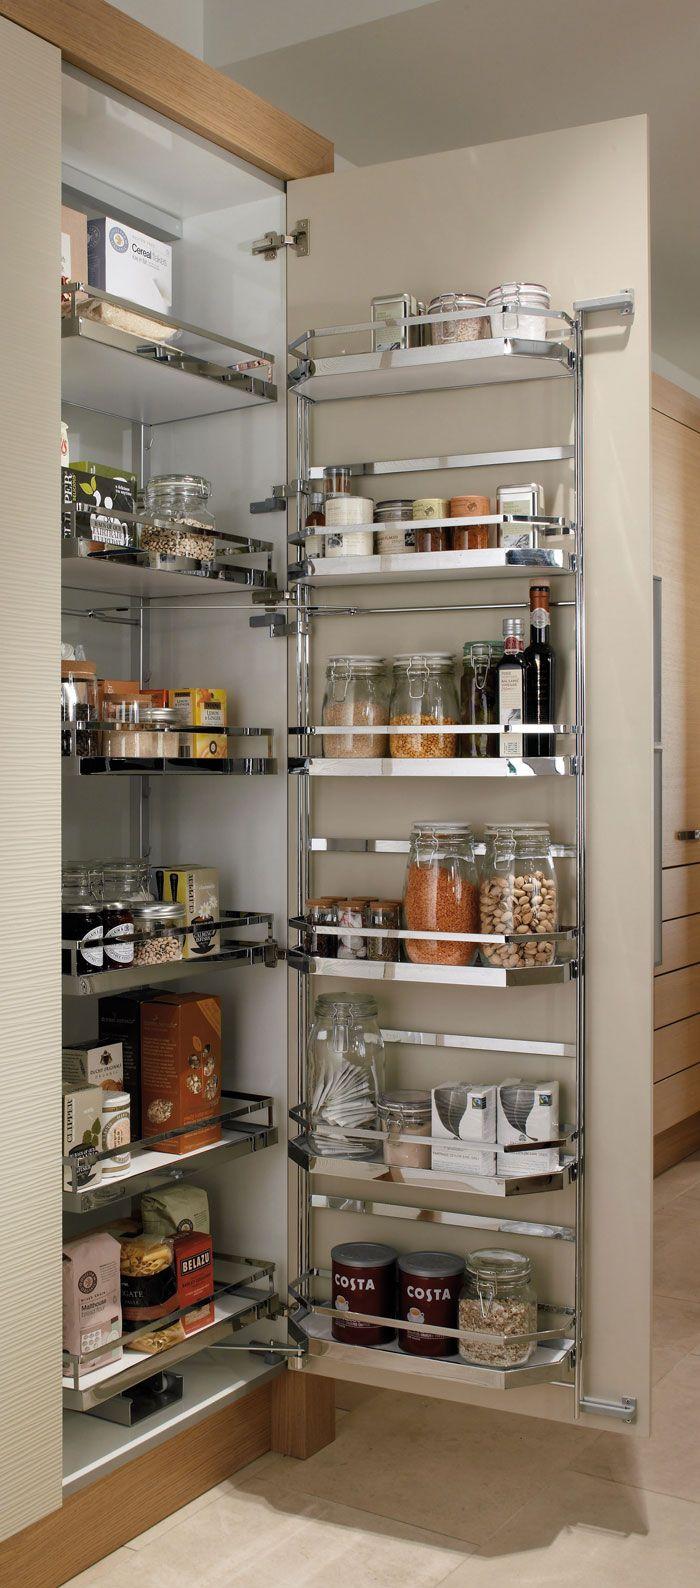 Kitchen Dressers Our Pick Of The Best Kitchen Cupboard Storagedoor